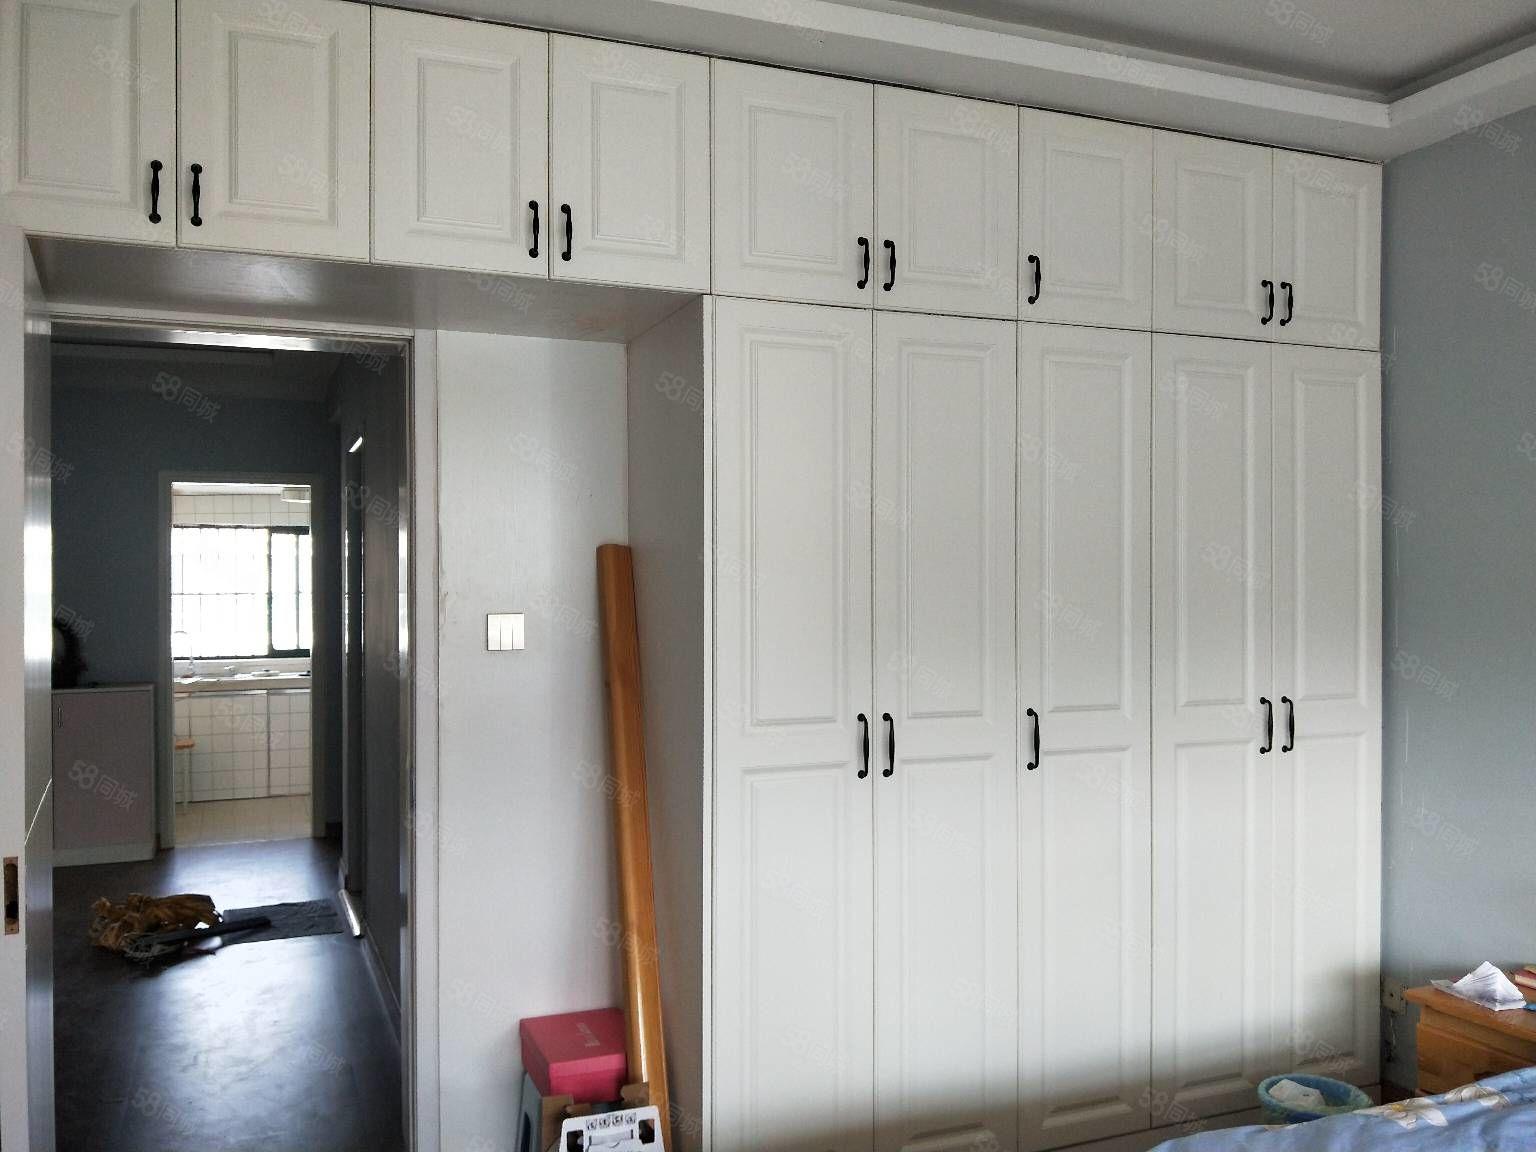 育才洪中隔壁学府文苑两室两厅一卫一书房精装修拎包入住